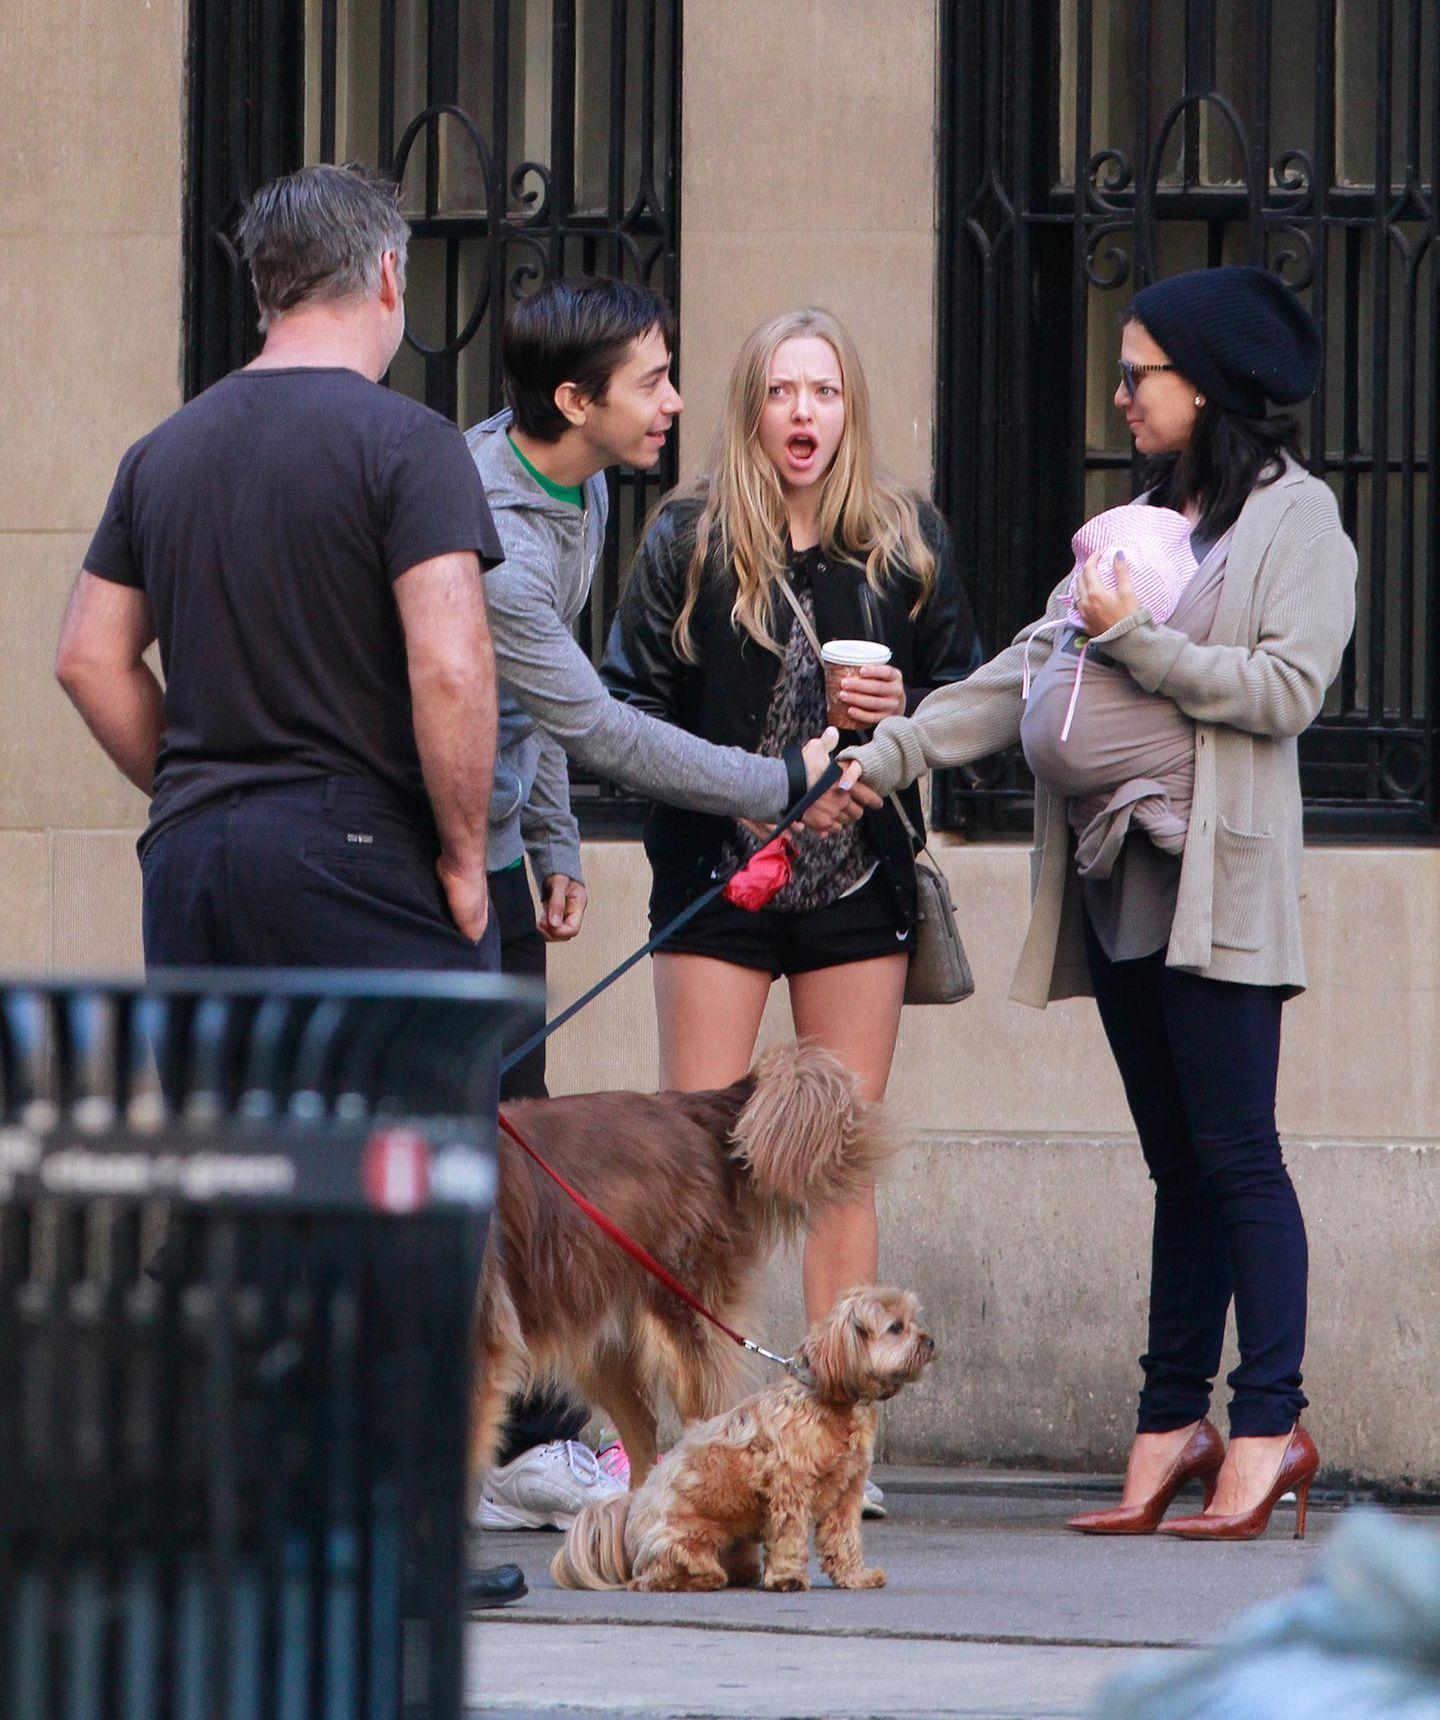 20. September 2013: Amanda Seyfried und Justin Long gehen mit ihren Hunden in New York spazieren als plötzlich ein weiteres Star-Paar ihren Weg kreuzt. Alec und Hilaria Baldwin sind mit Töchterchen Carmen unterwegs. Ob Amanda mit erstaunt aufgerissenen Mund auf das Baby reagiert, ist allerdings nicht überliefert.